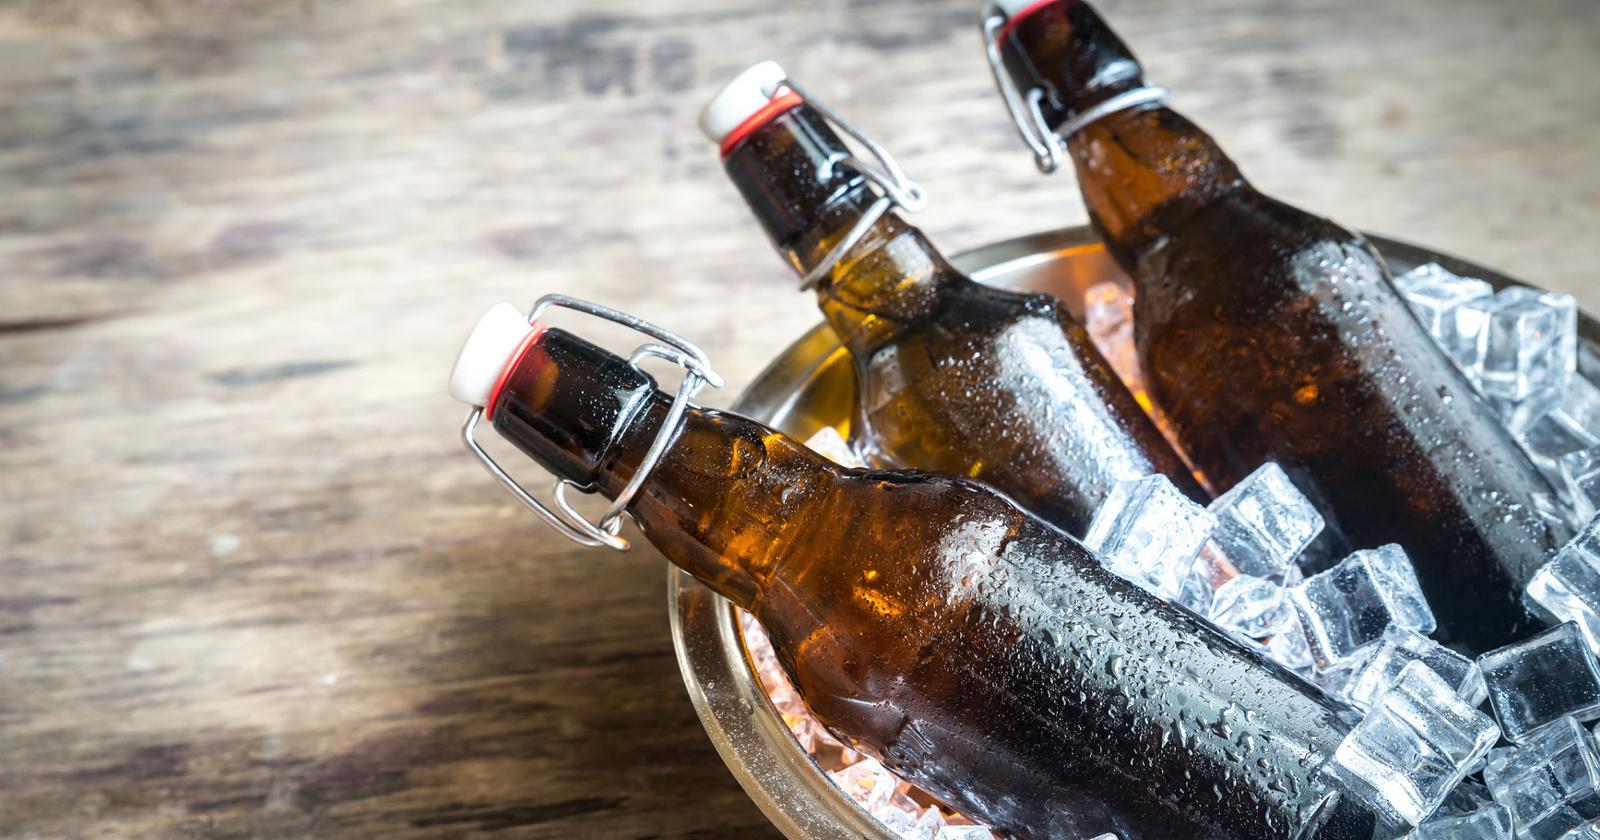 Alkohol Nebenwirkungen Hilfe Bei Übelkeit Durchfall & Co